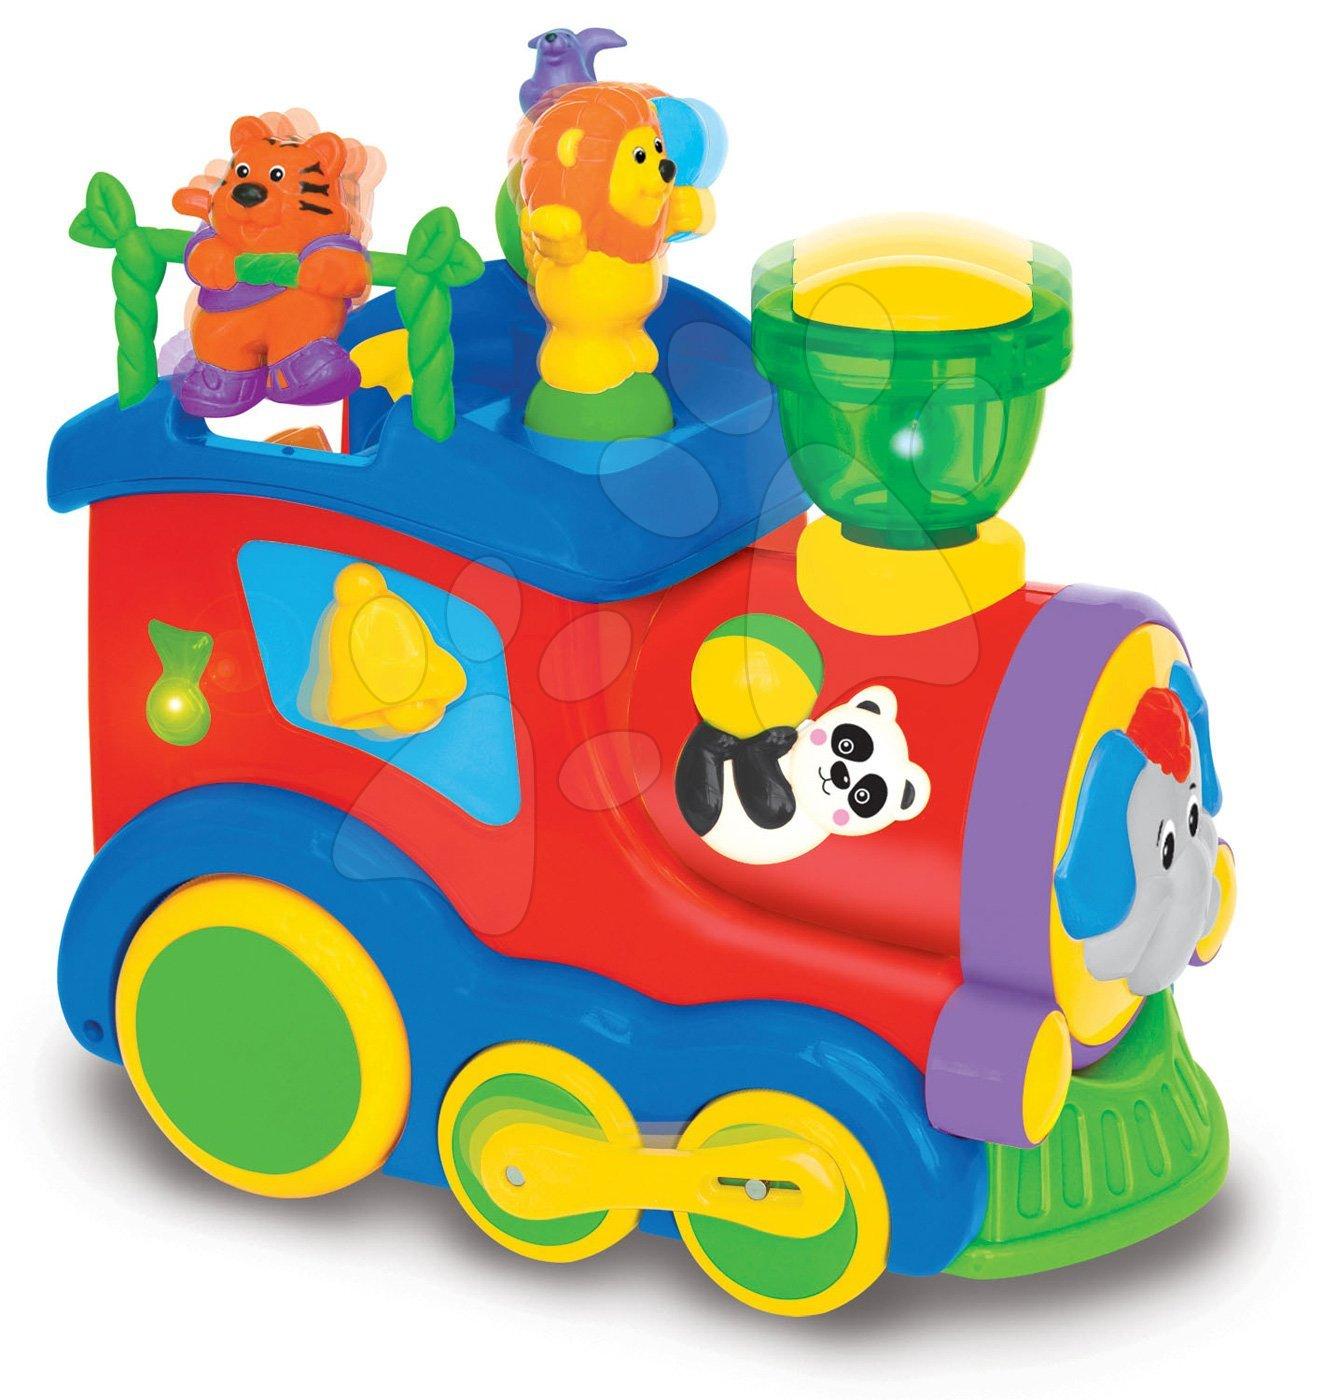 Hračky zvukové - Cirkusová lokomotiva Activity Circus Loco Kiddieland se zvukem a světlem od 12 měsíců